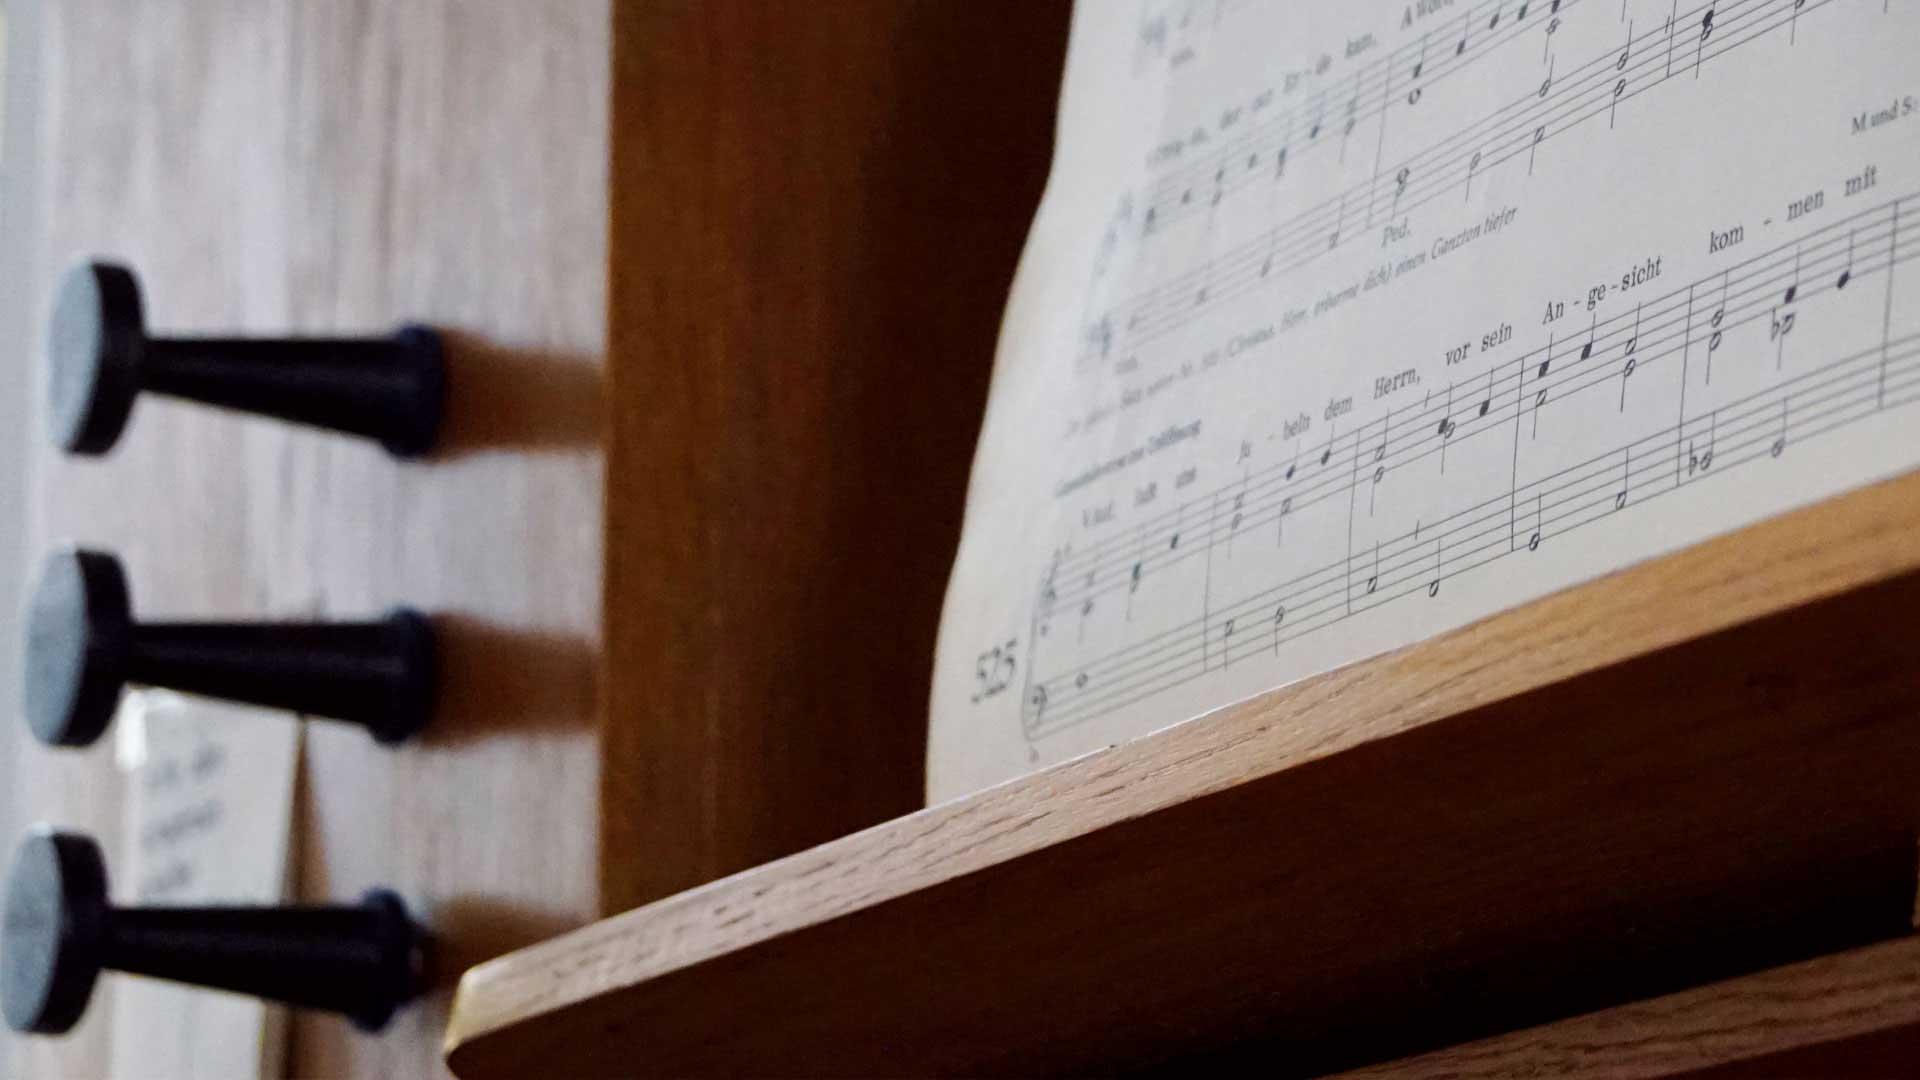 Seniorenzentrum-Bruder-Konrad-Stift-Kapelle-St-Anselmus-Orgel-3